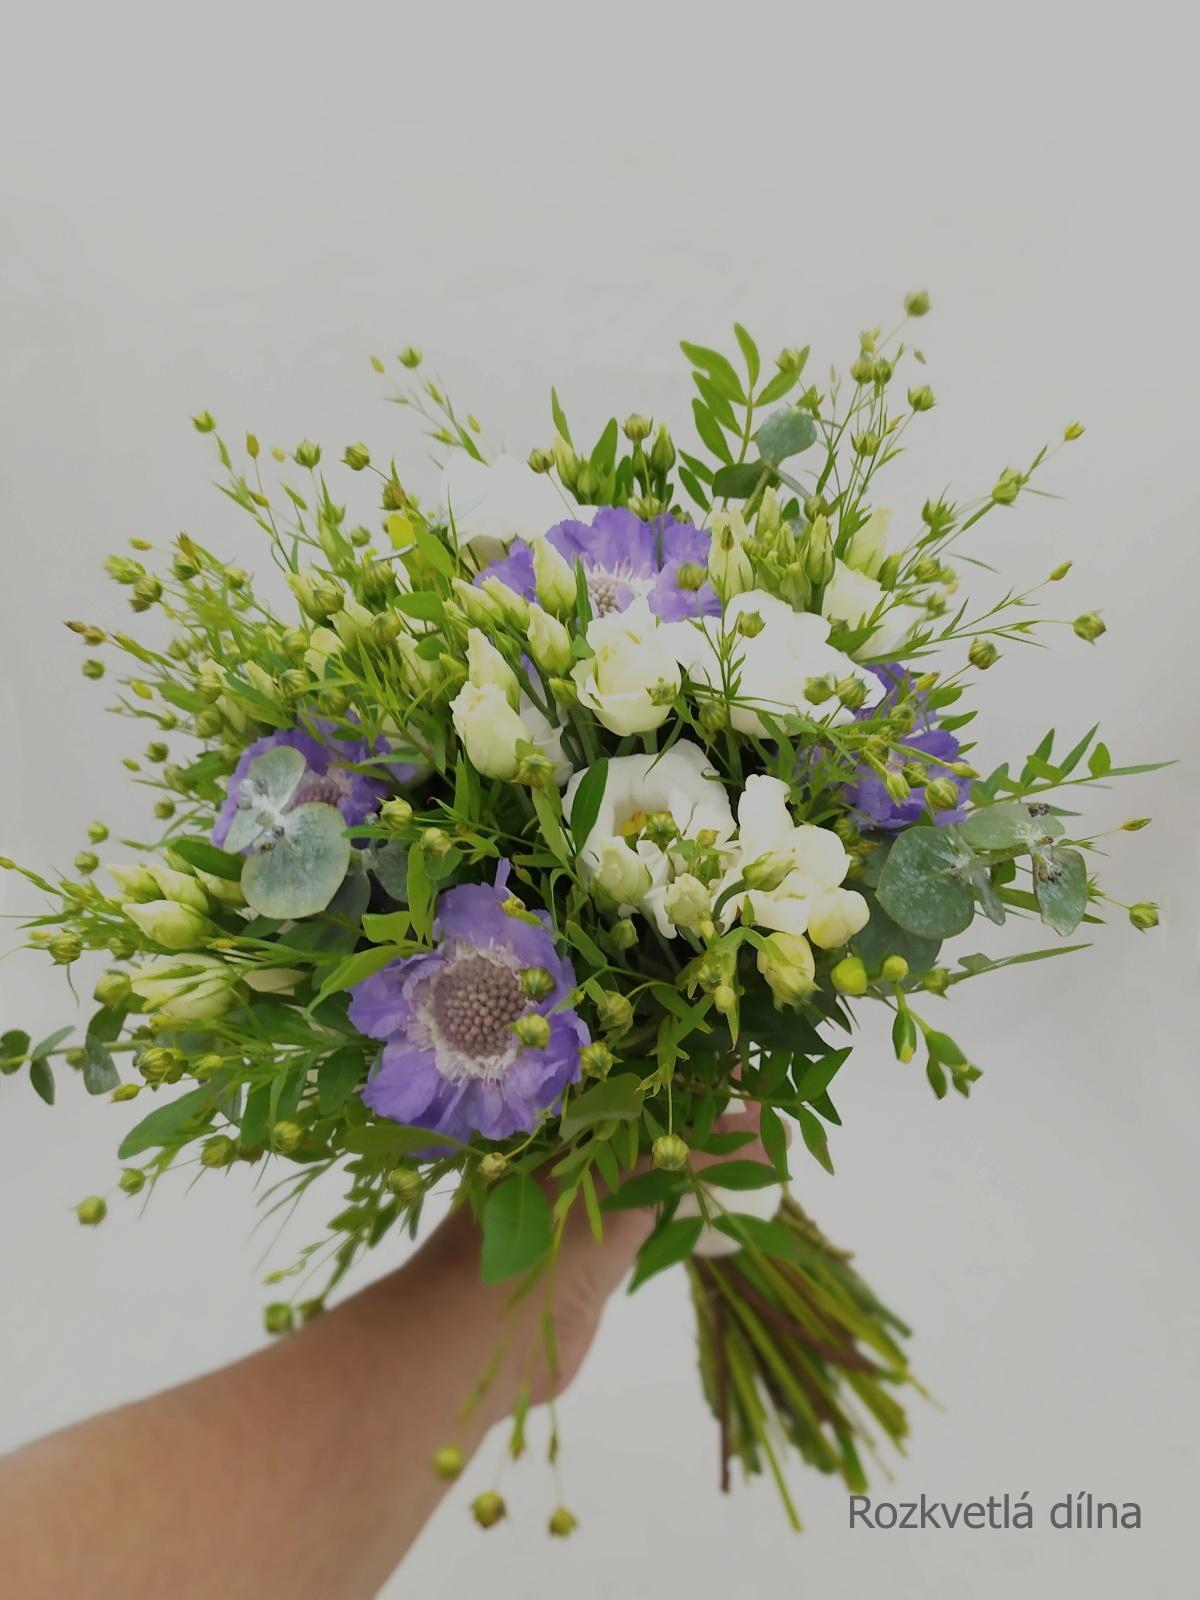 Červencové kytice k Rozkvetlé dílny - Obrázek č. 2